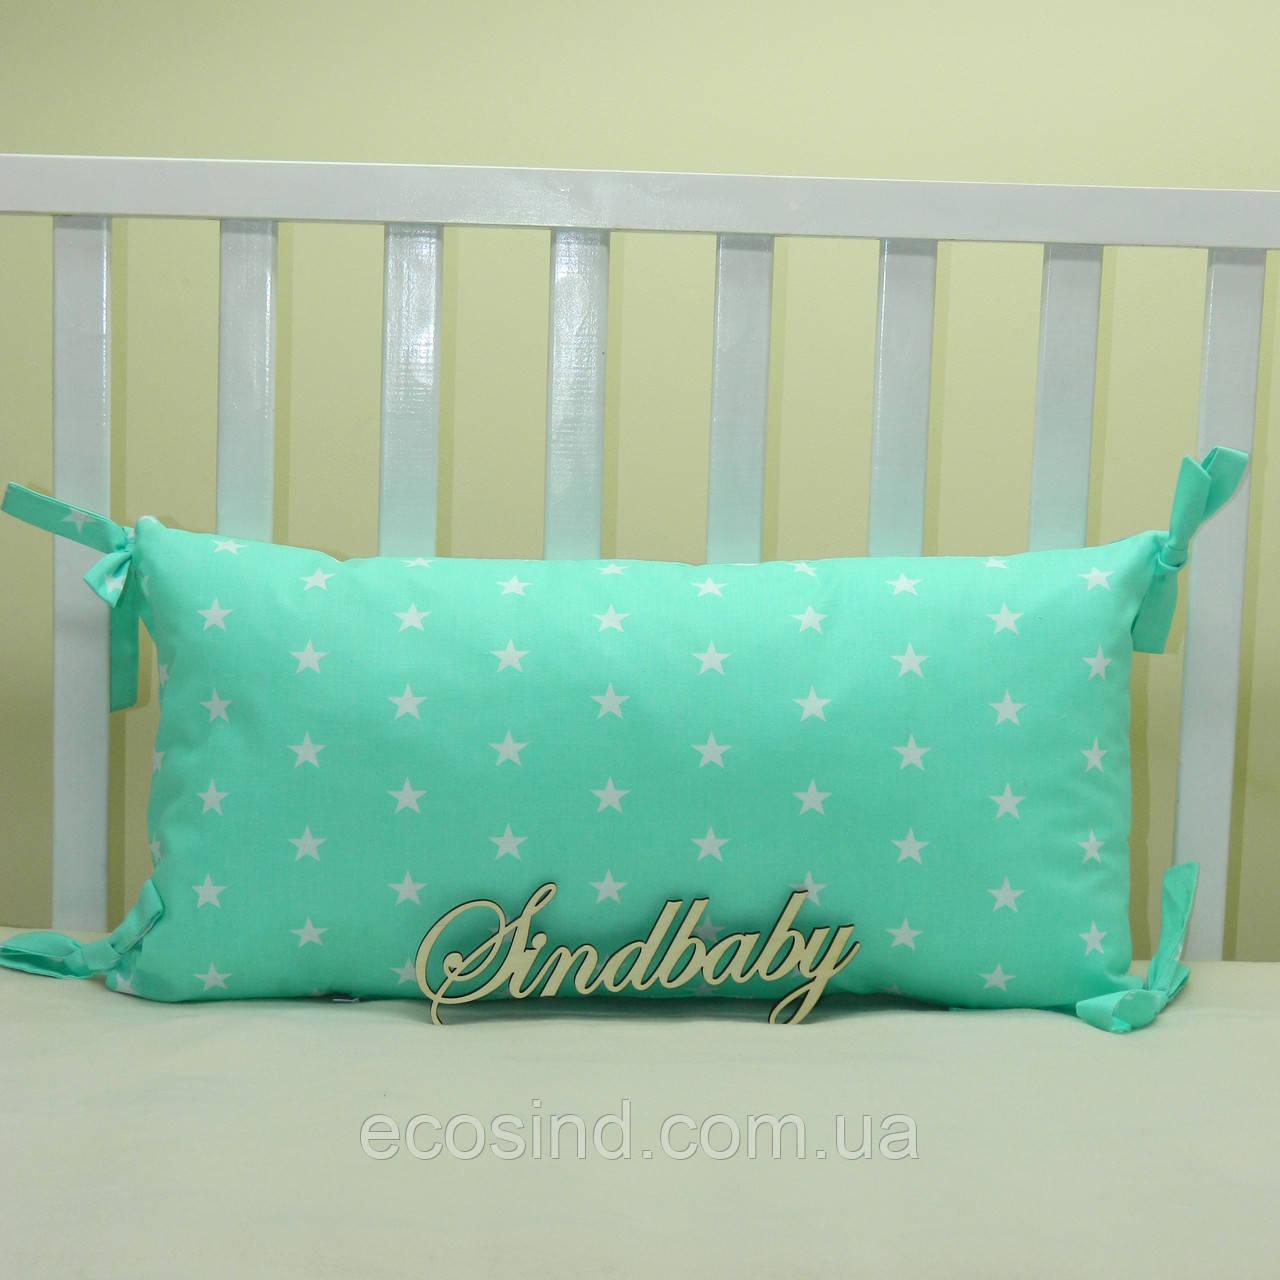 Бортики подушки в кроватку, Подушка 30х60 -04